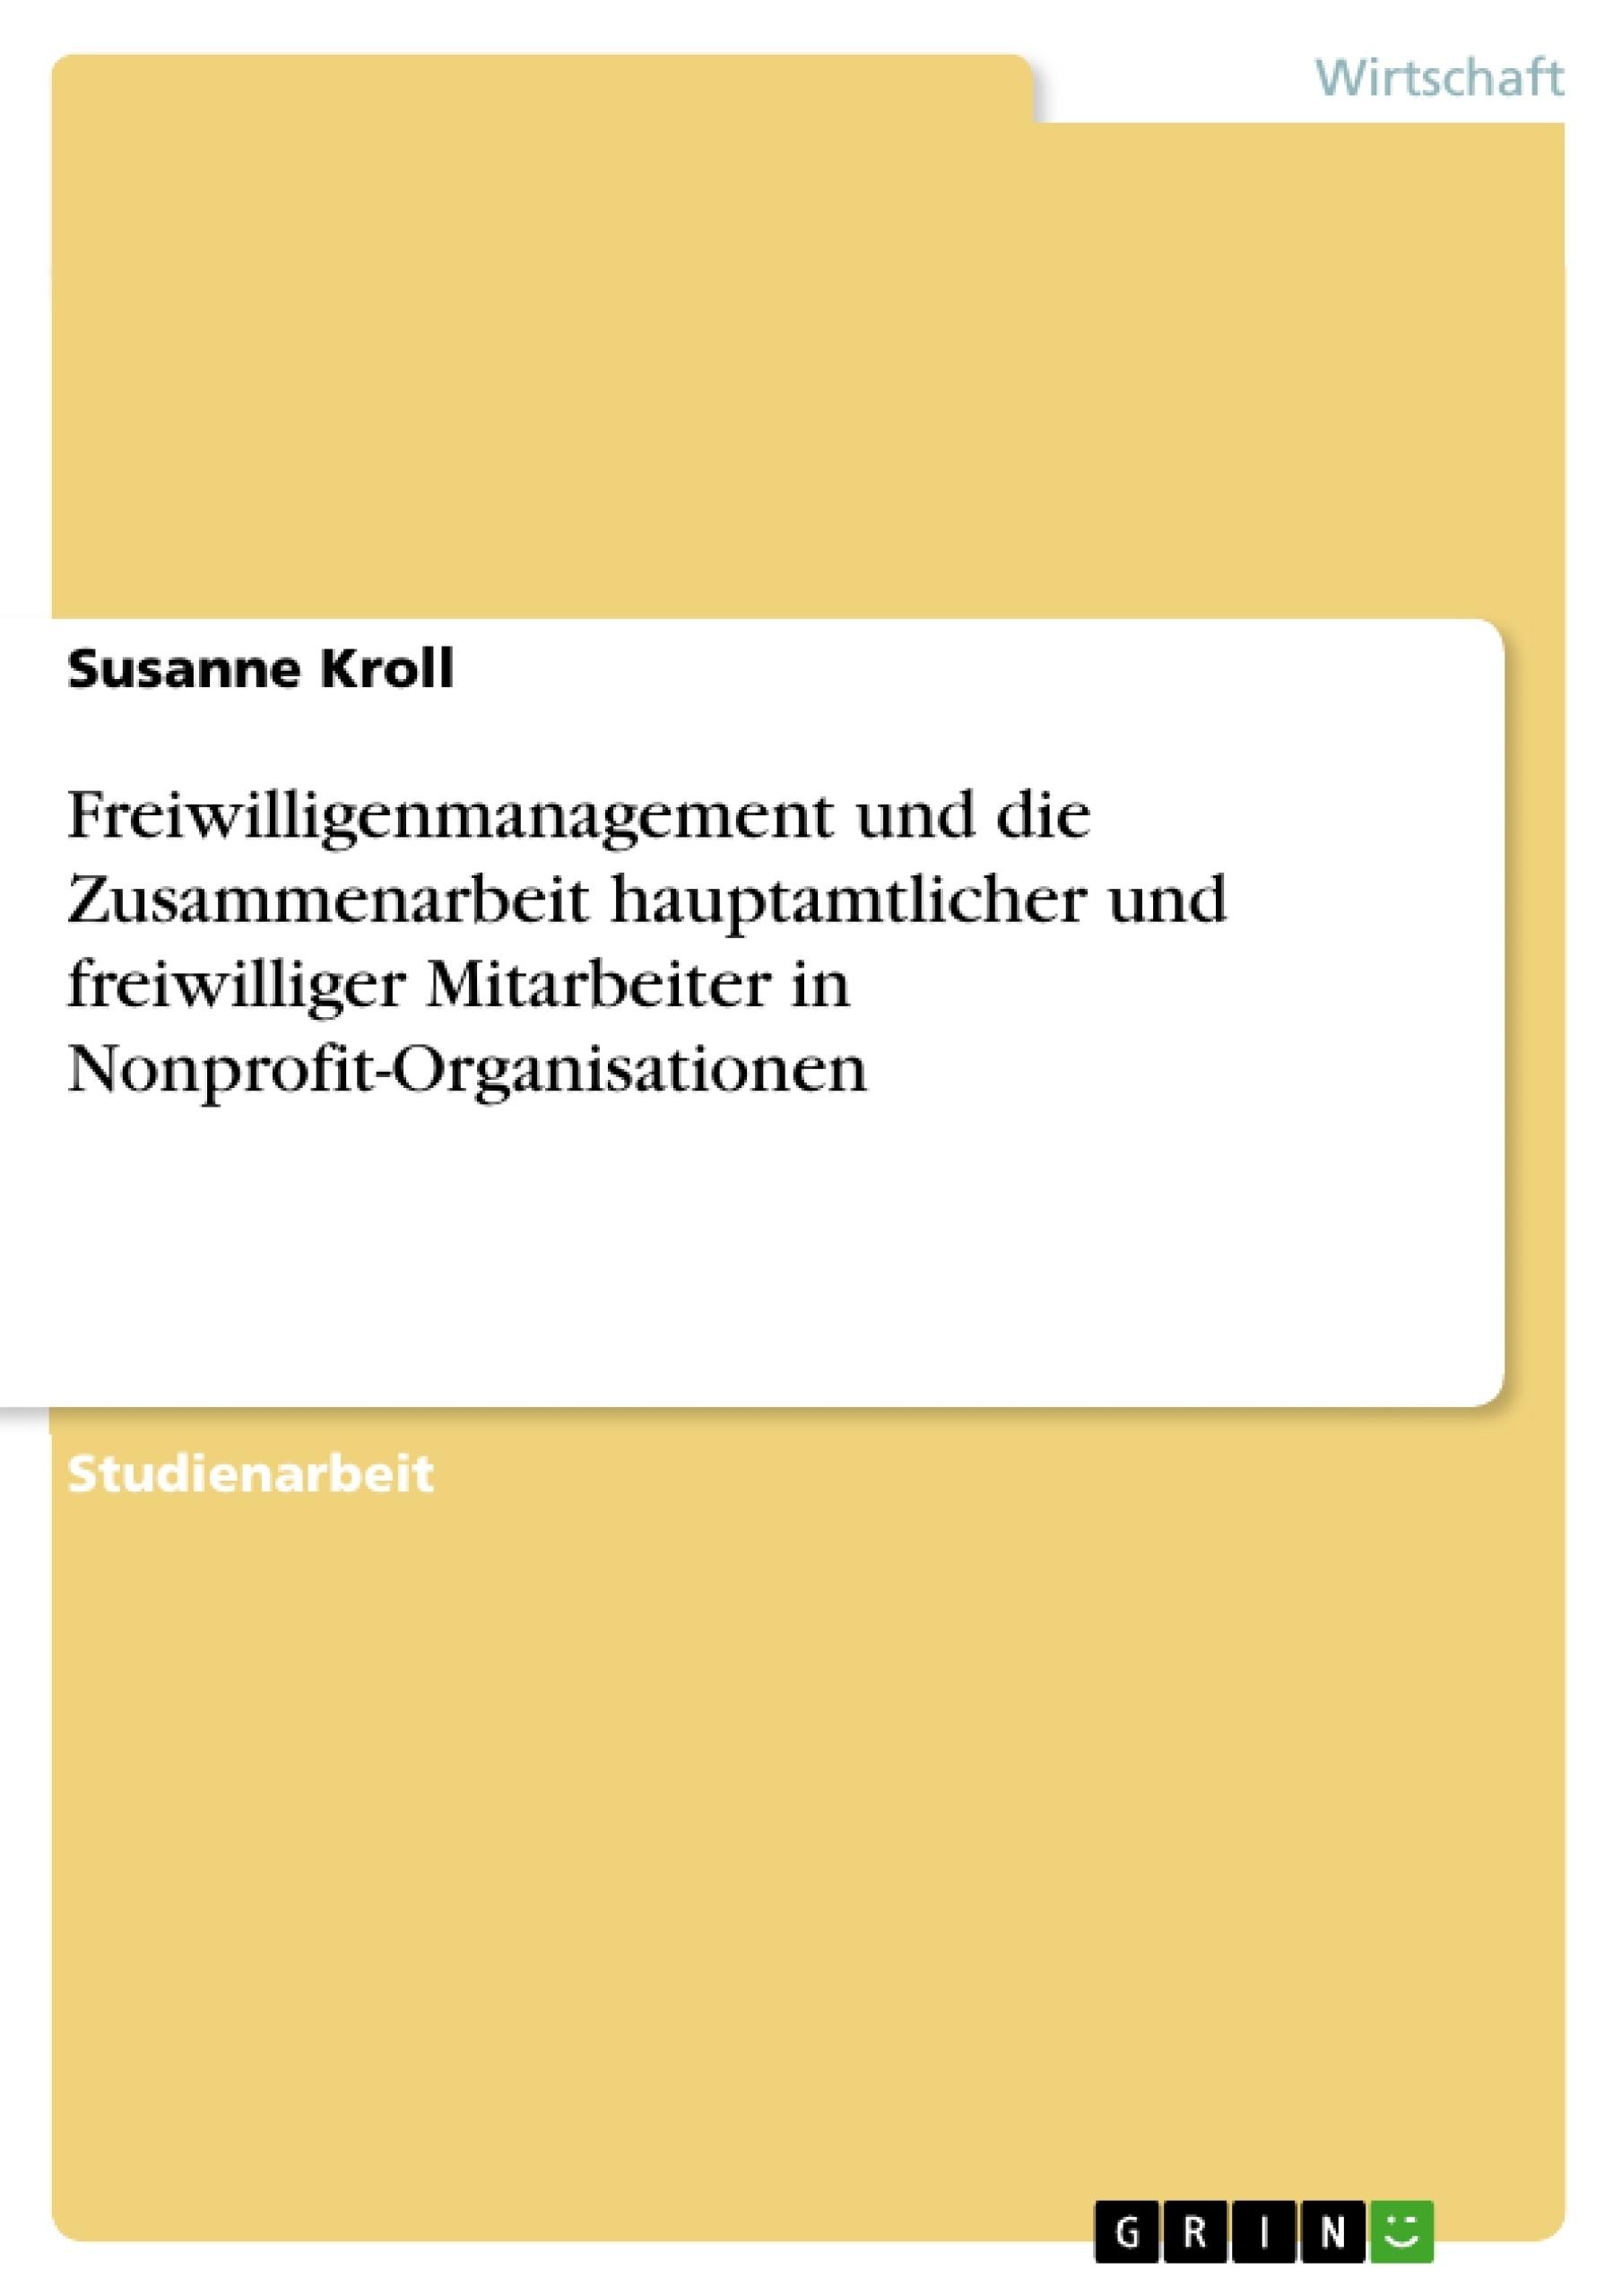 Titel: Freiwilligenmanagement und die Zusammenarbeit hauptamtlicher und freiwilliger Mitarbeiter in Nonprofit-Organisationen